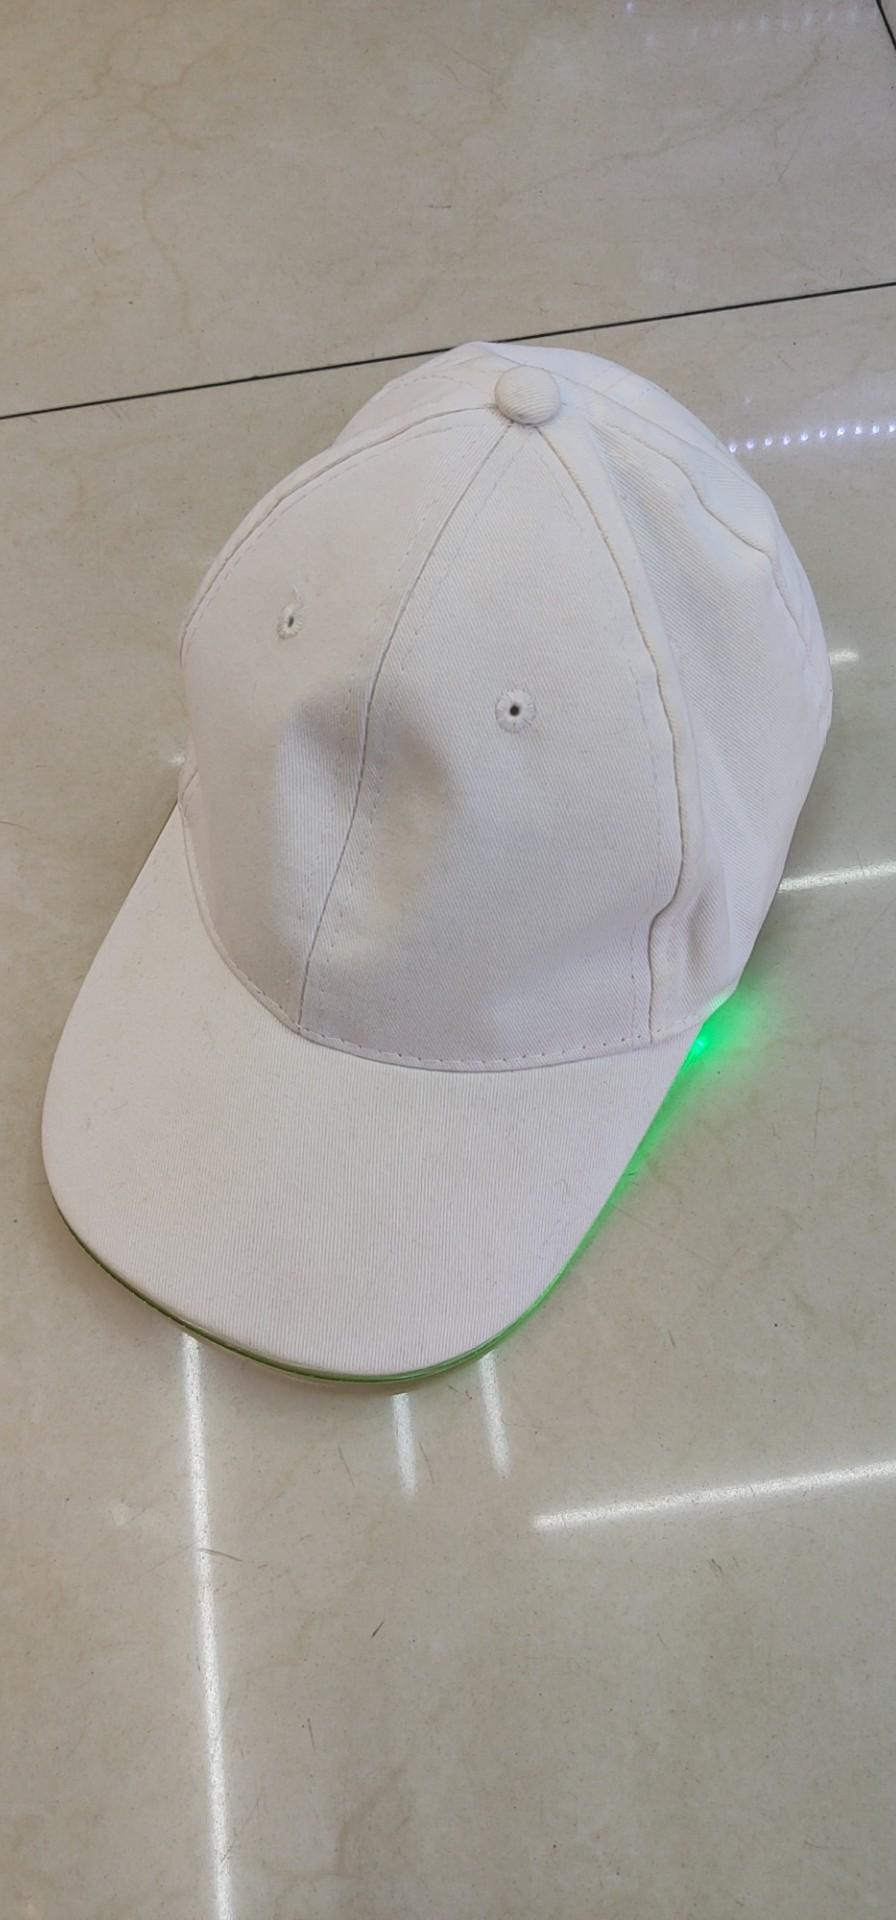 电子发光帽子遮阳夏天鸭舌帽酒吧聚会娱乐